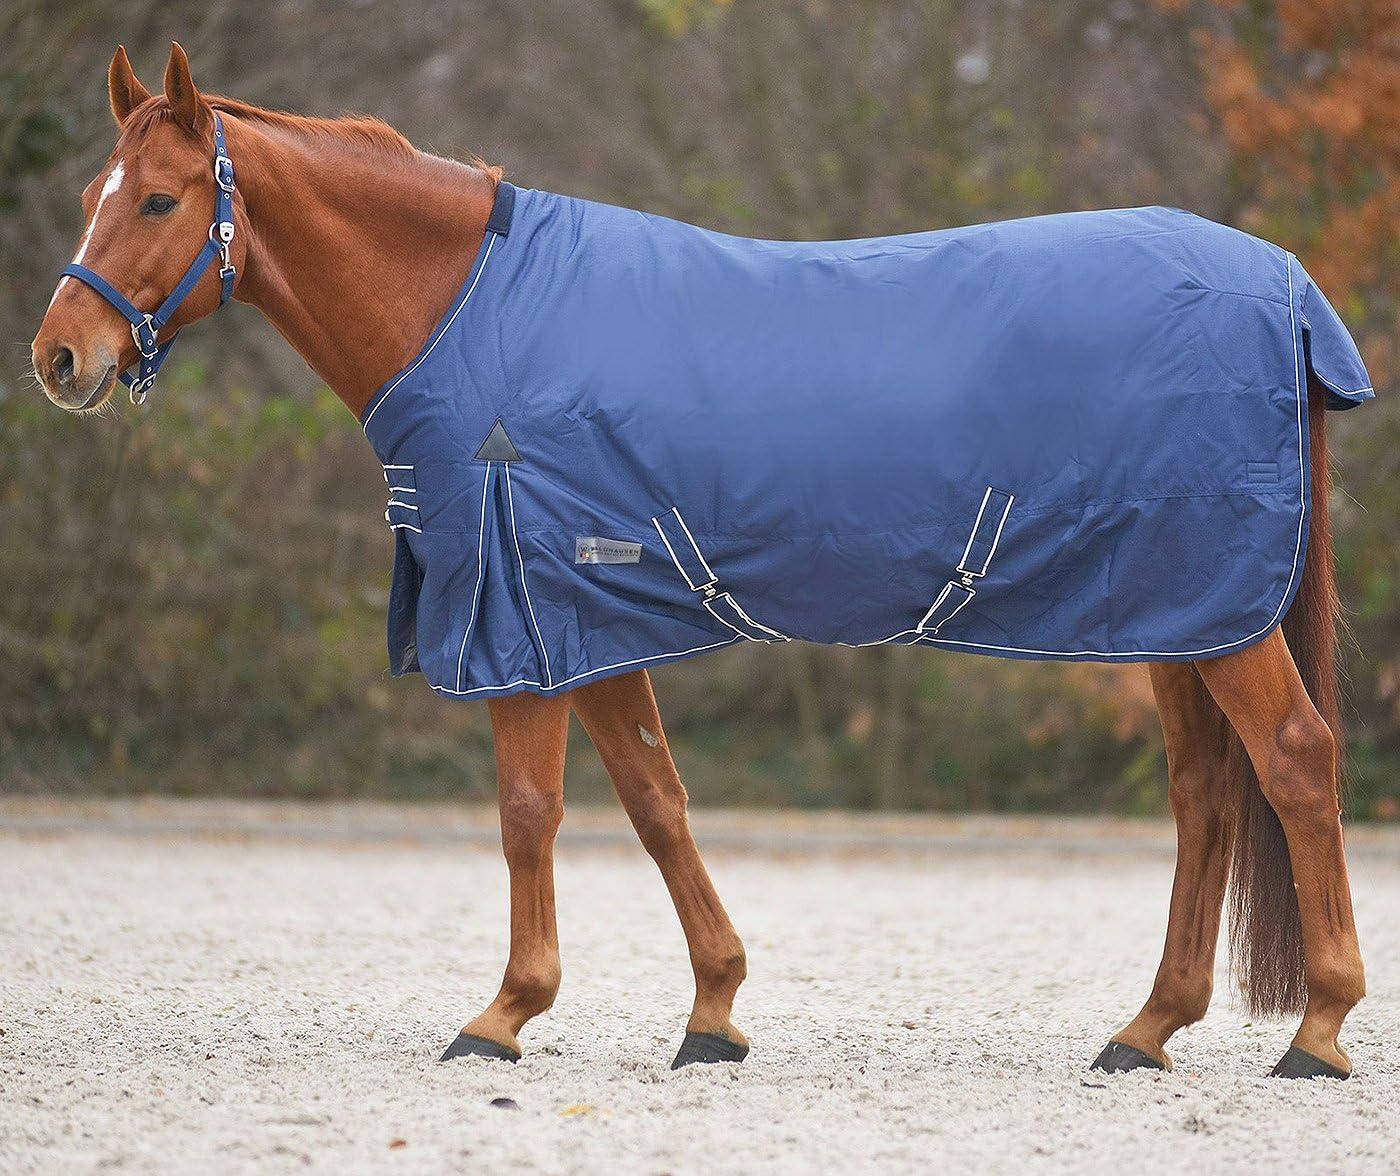 Caballo-techo al aire libre de mimbre manta de invierno 100 G impermeable transpirable Cruz + correa de la cola con peto, 165 Gr.